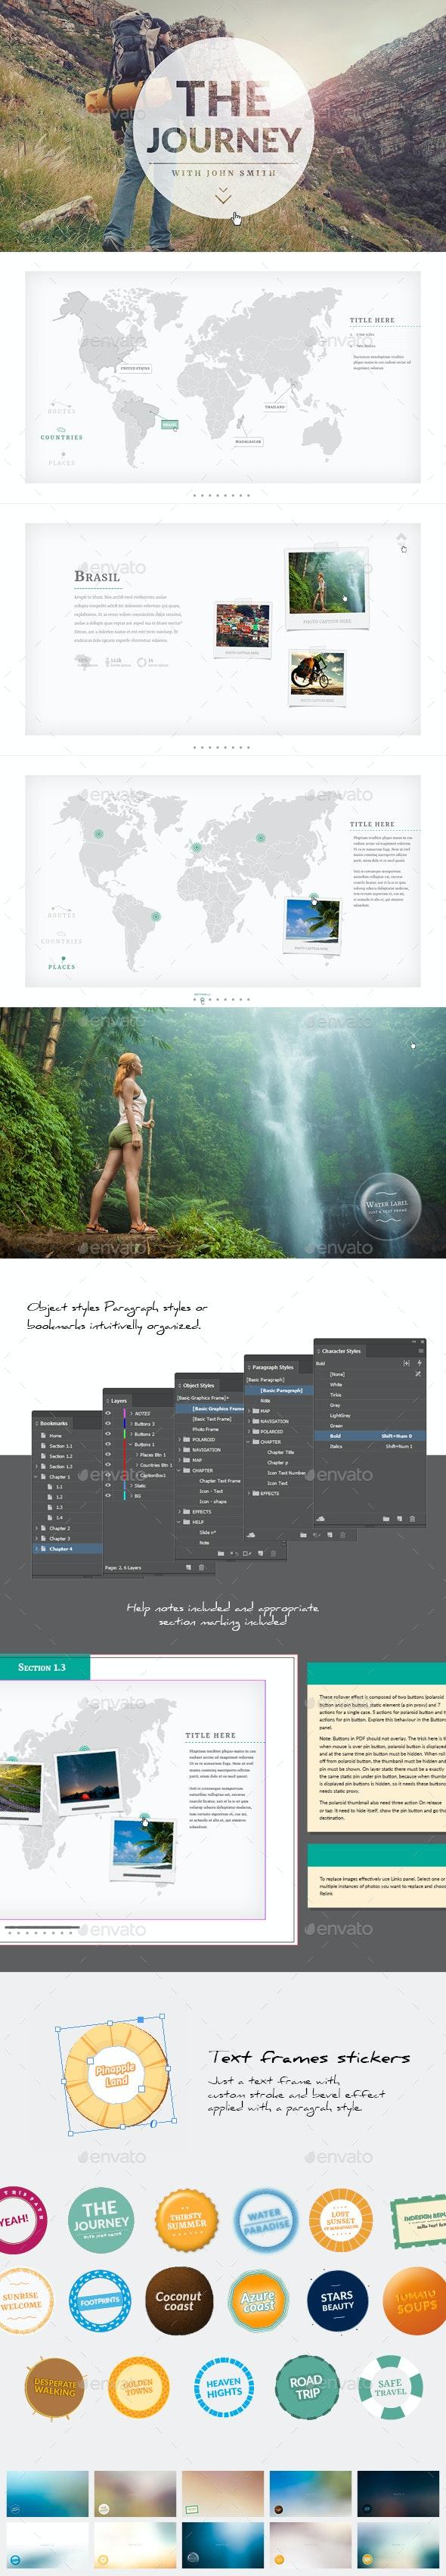 Interactive PDF Journey Presentation - ePublishing